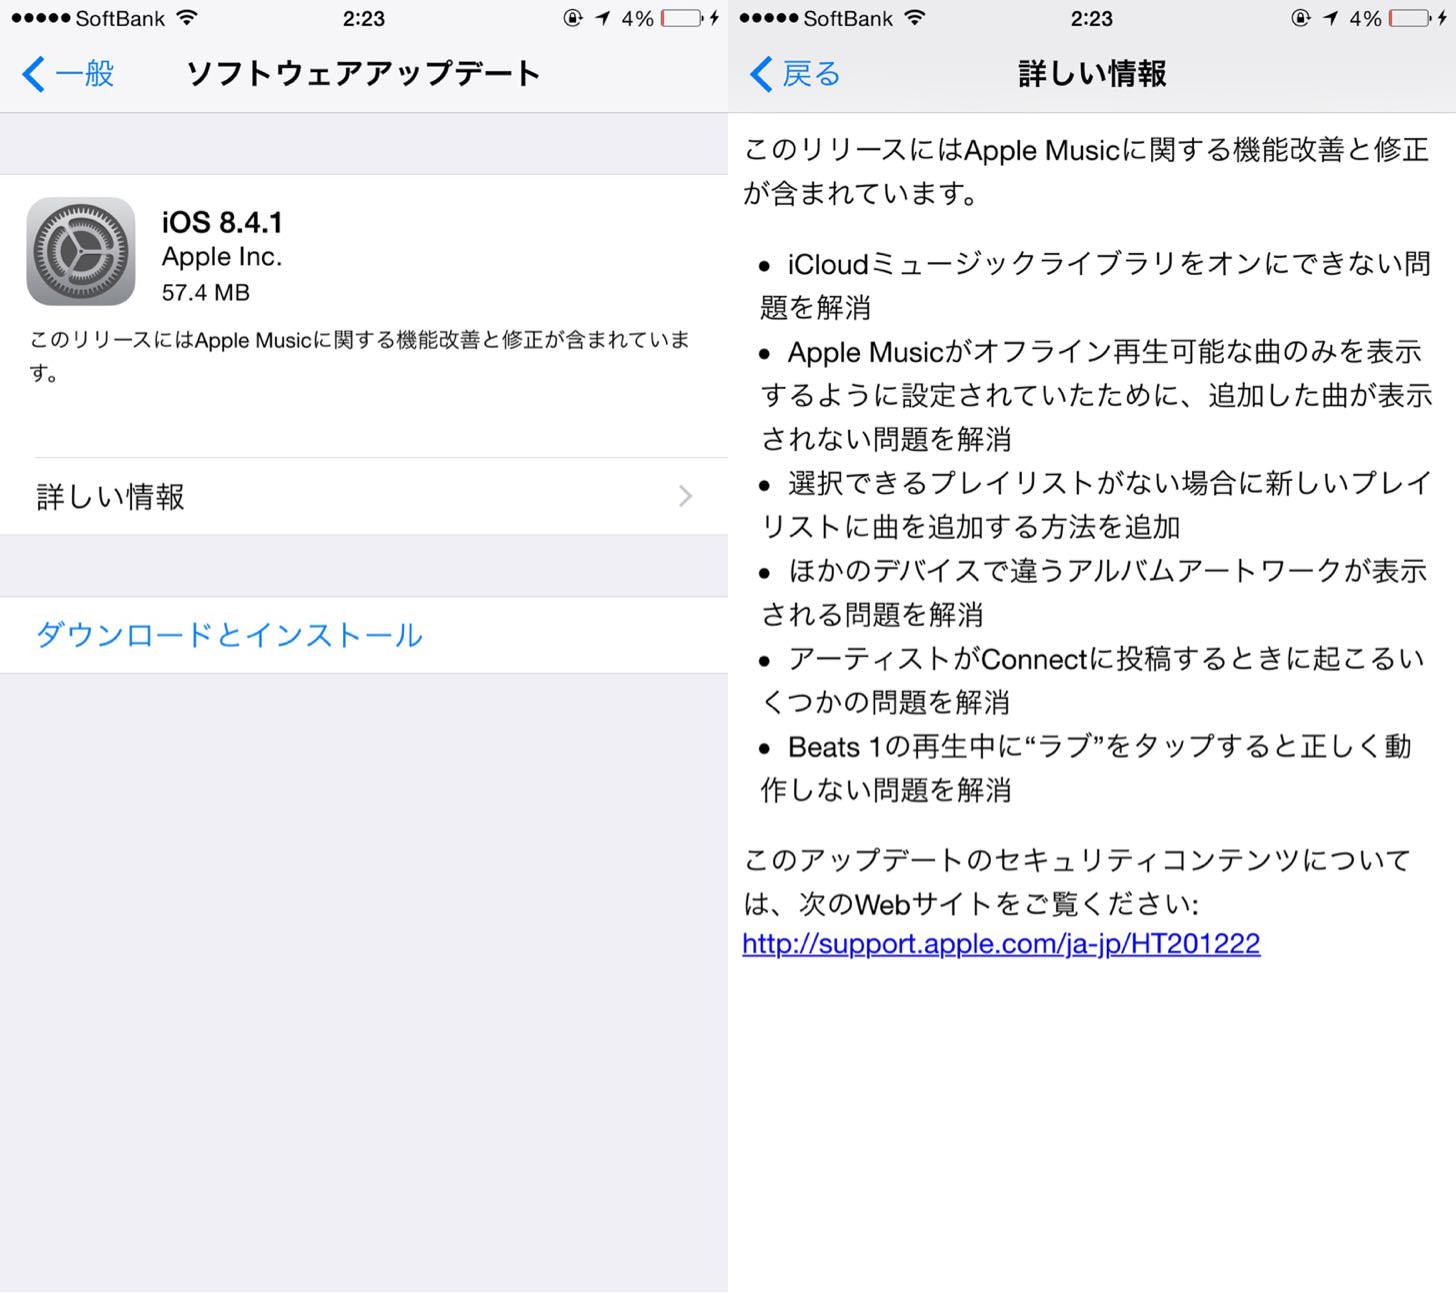 iOS 8.4.1の内容。